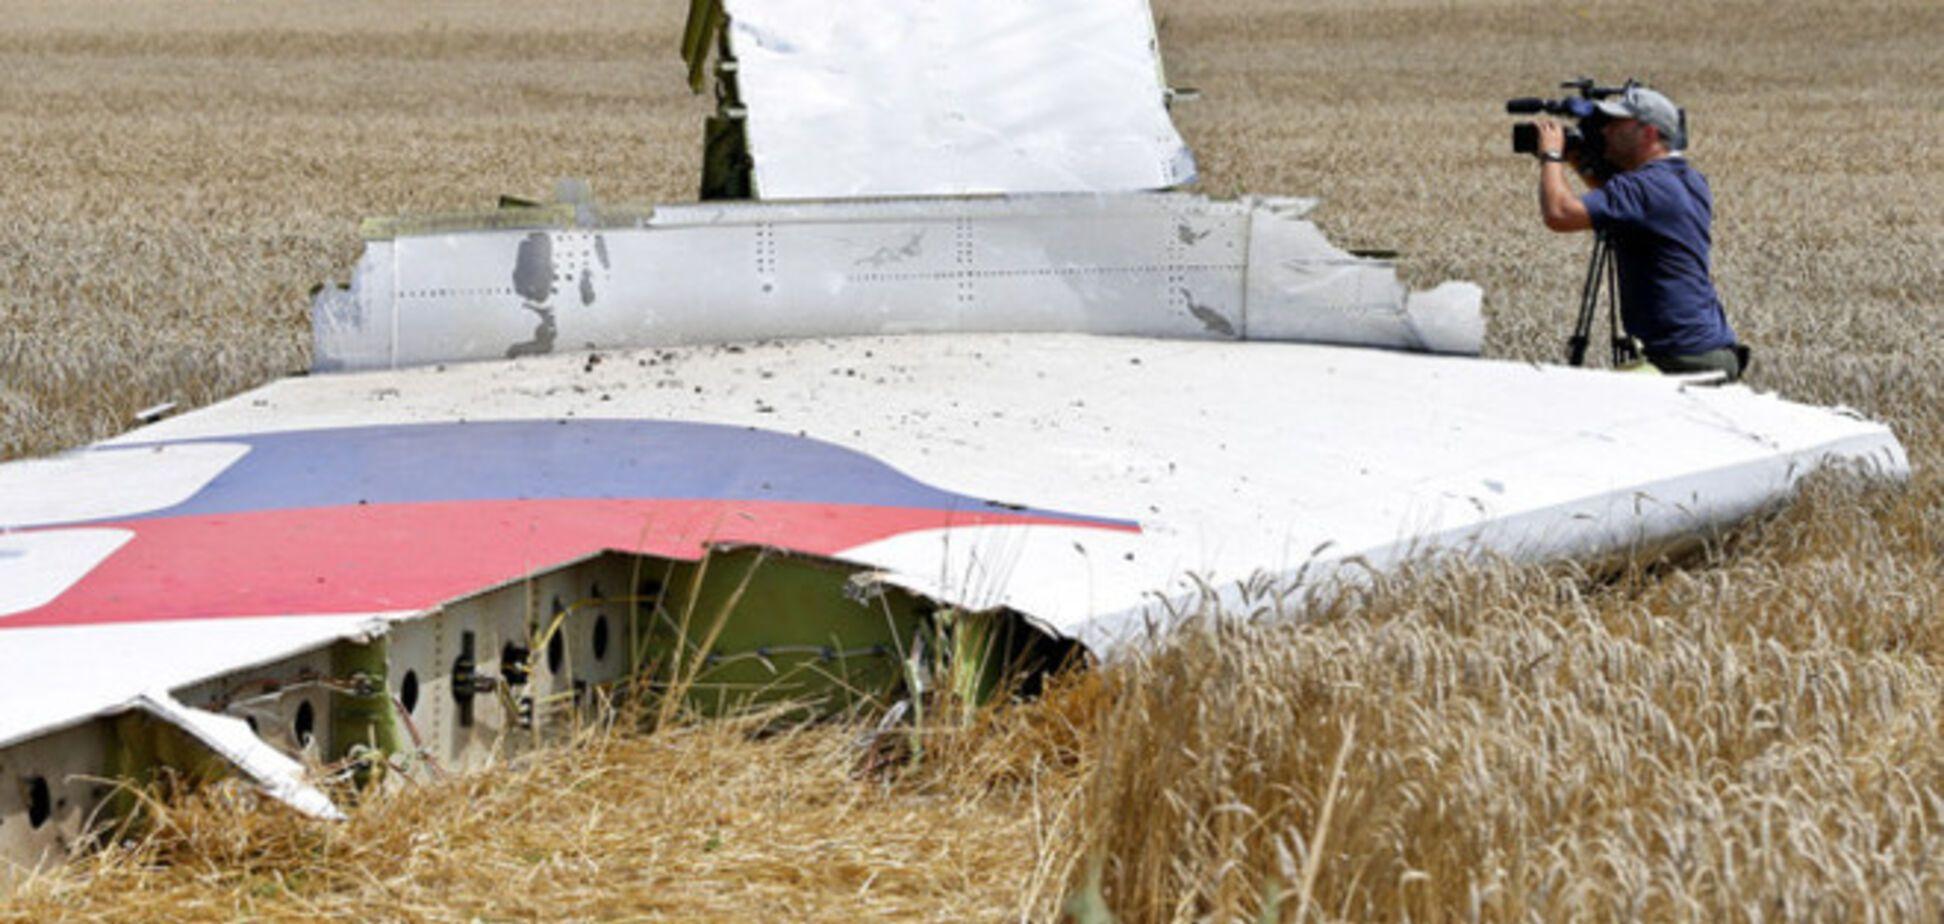 Британский журналист рассказал, кто виноват в катастрофе 'Боинга' на Донбассе